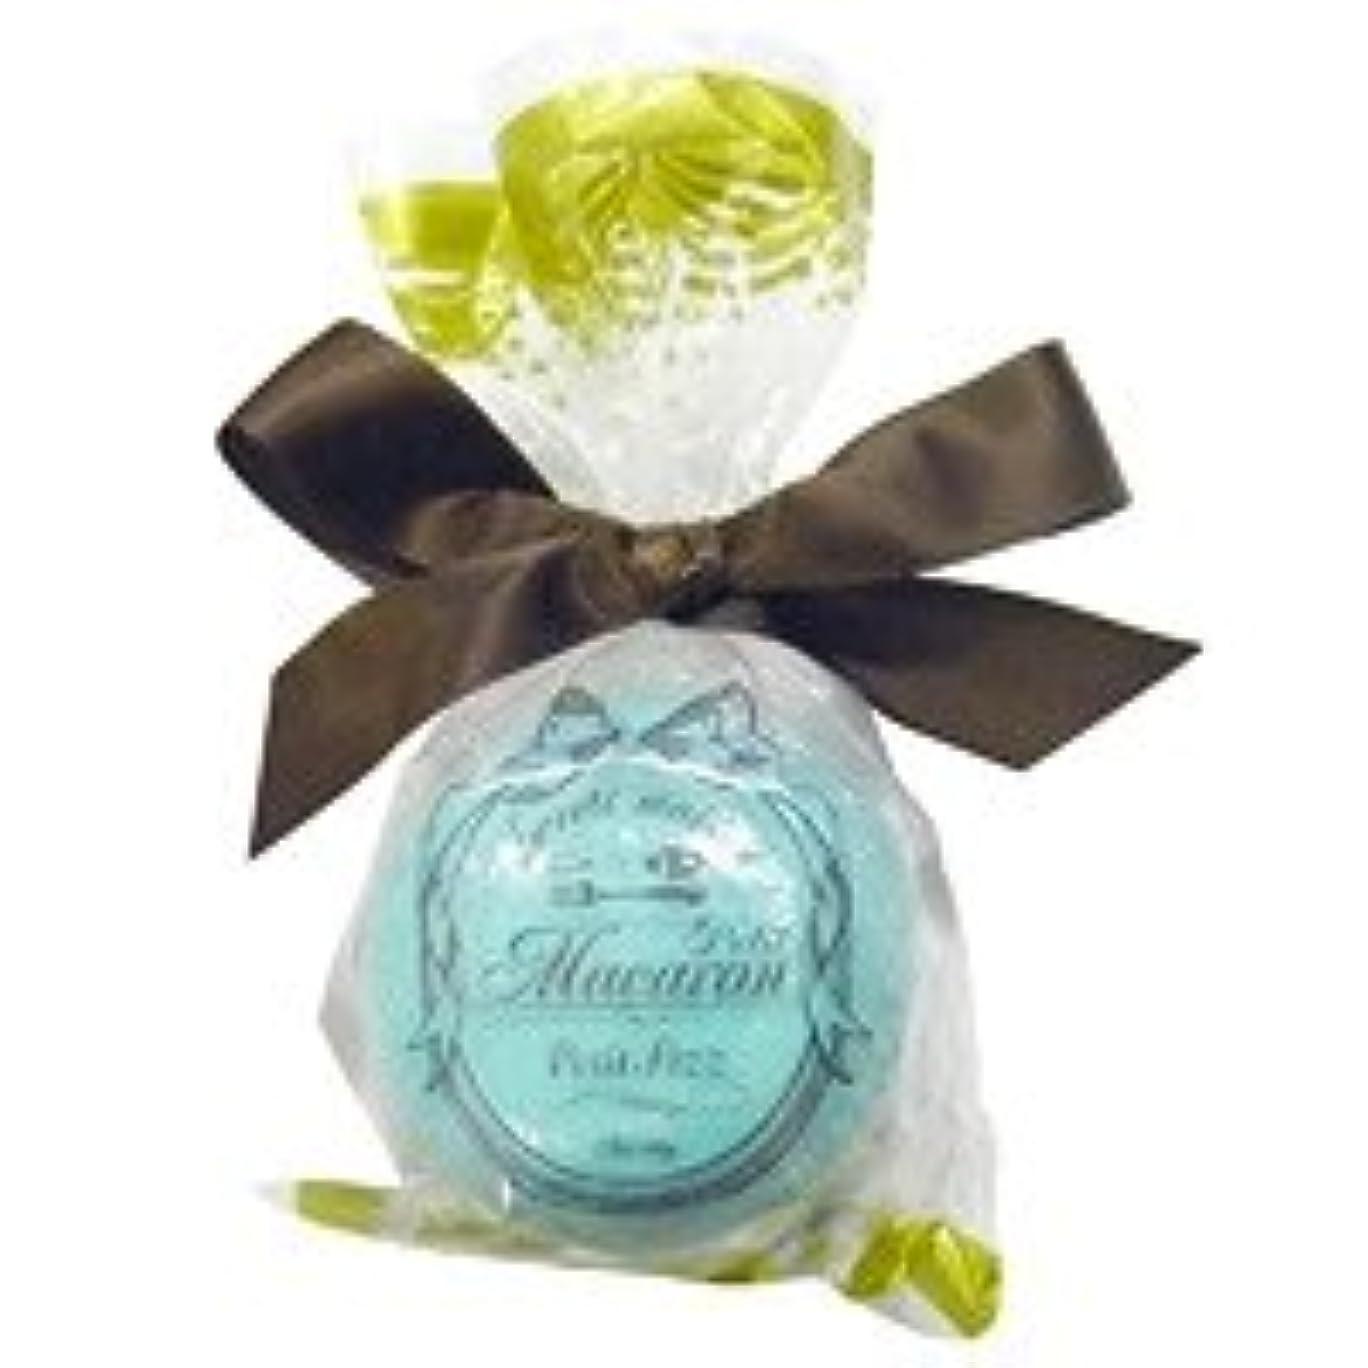 アレンジ教授ヒューマニスティックスウィーツメゾン プチマカロンフィズ「ターコイズ」12個セット 香り豊かなグリーンティの香り